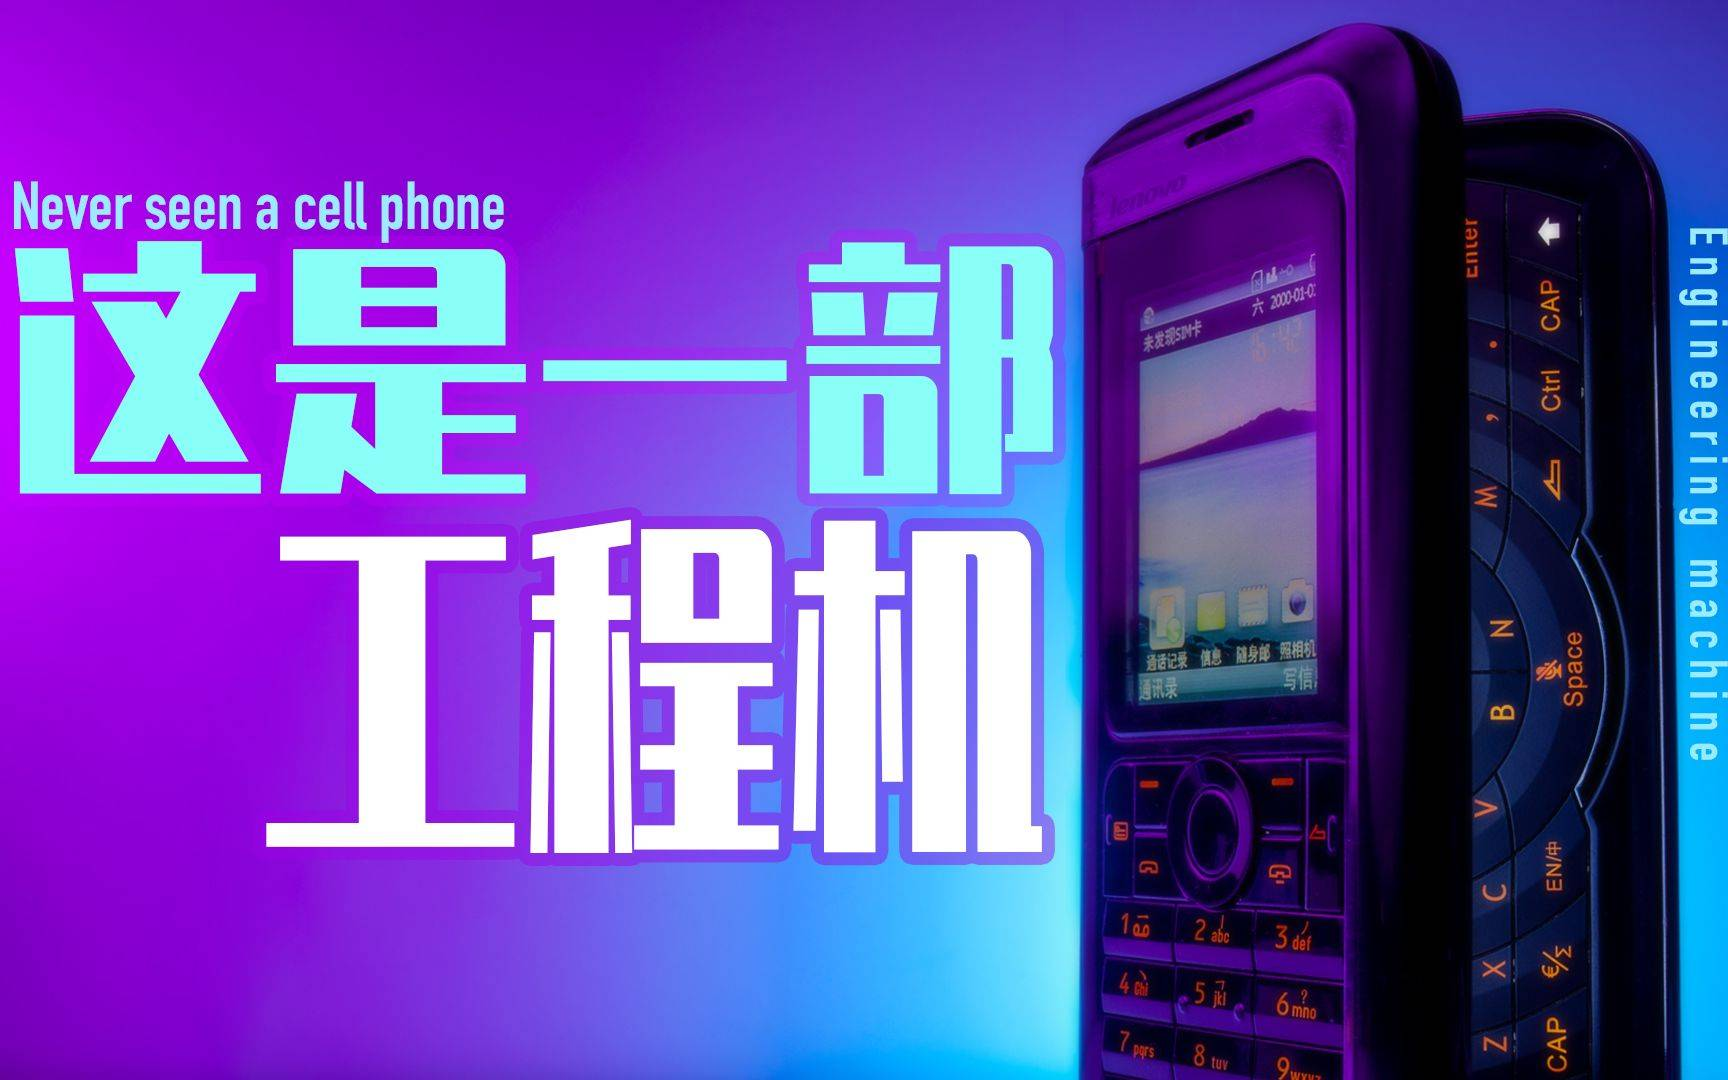 【拆解】你一定没见过的手机, 因为它从来没有发售过